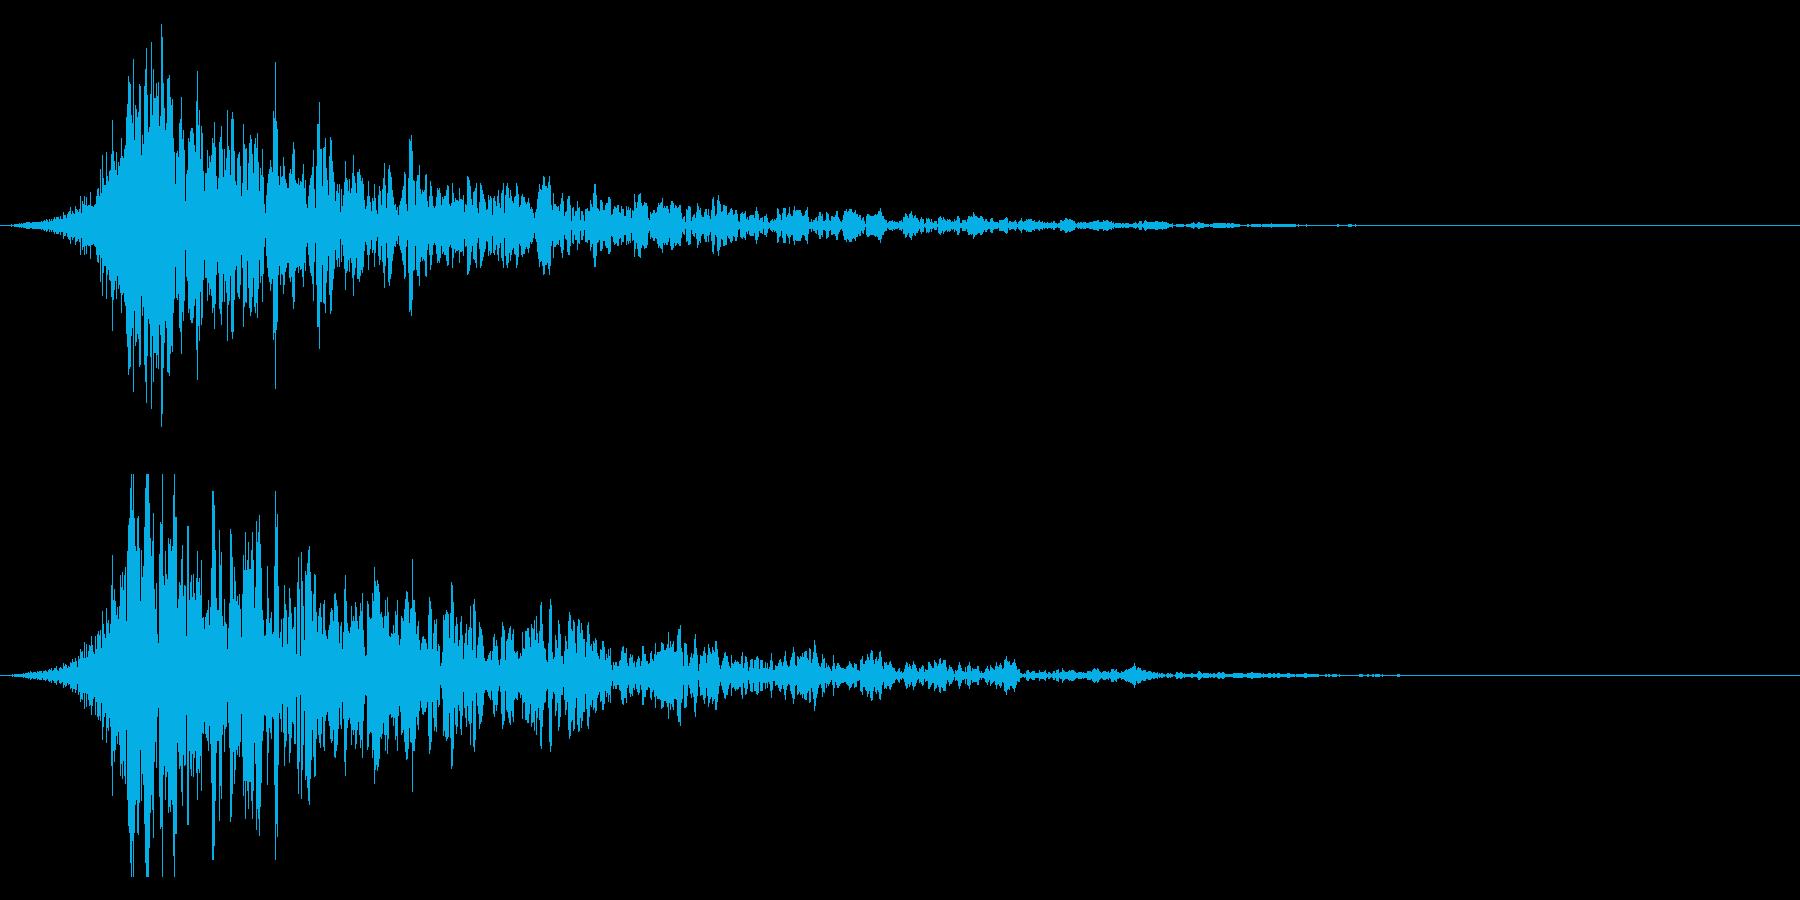 シュードーン-18-1(インパクト音)の再生済みの波形